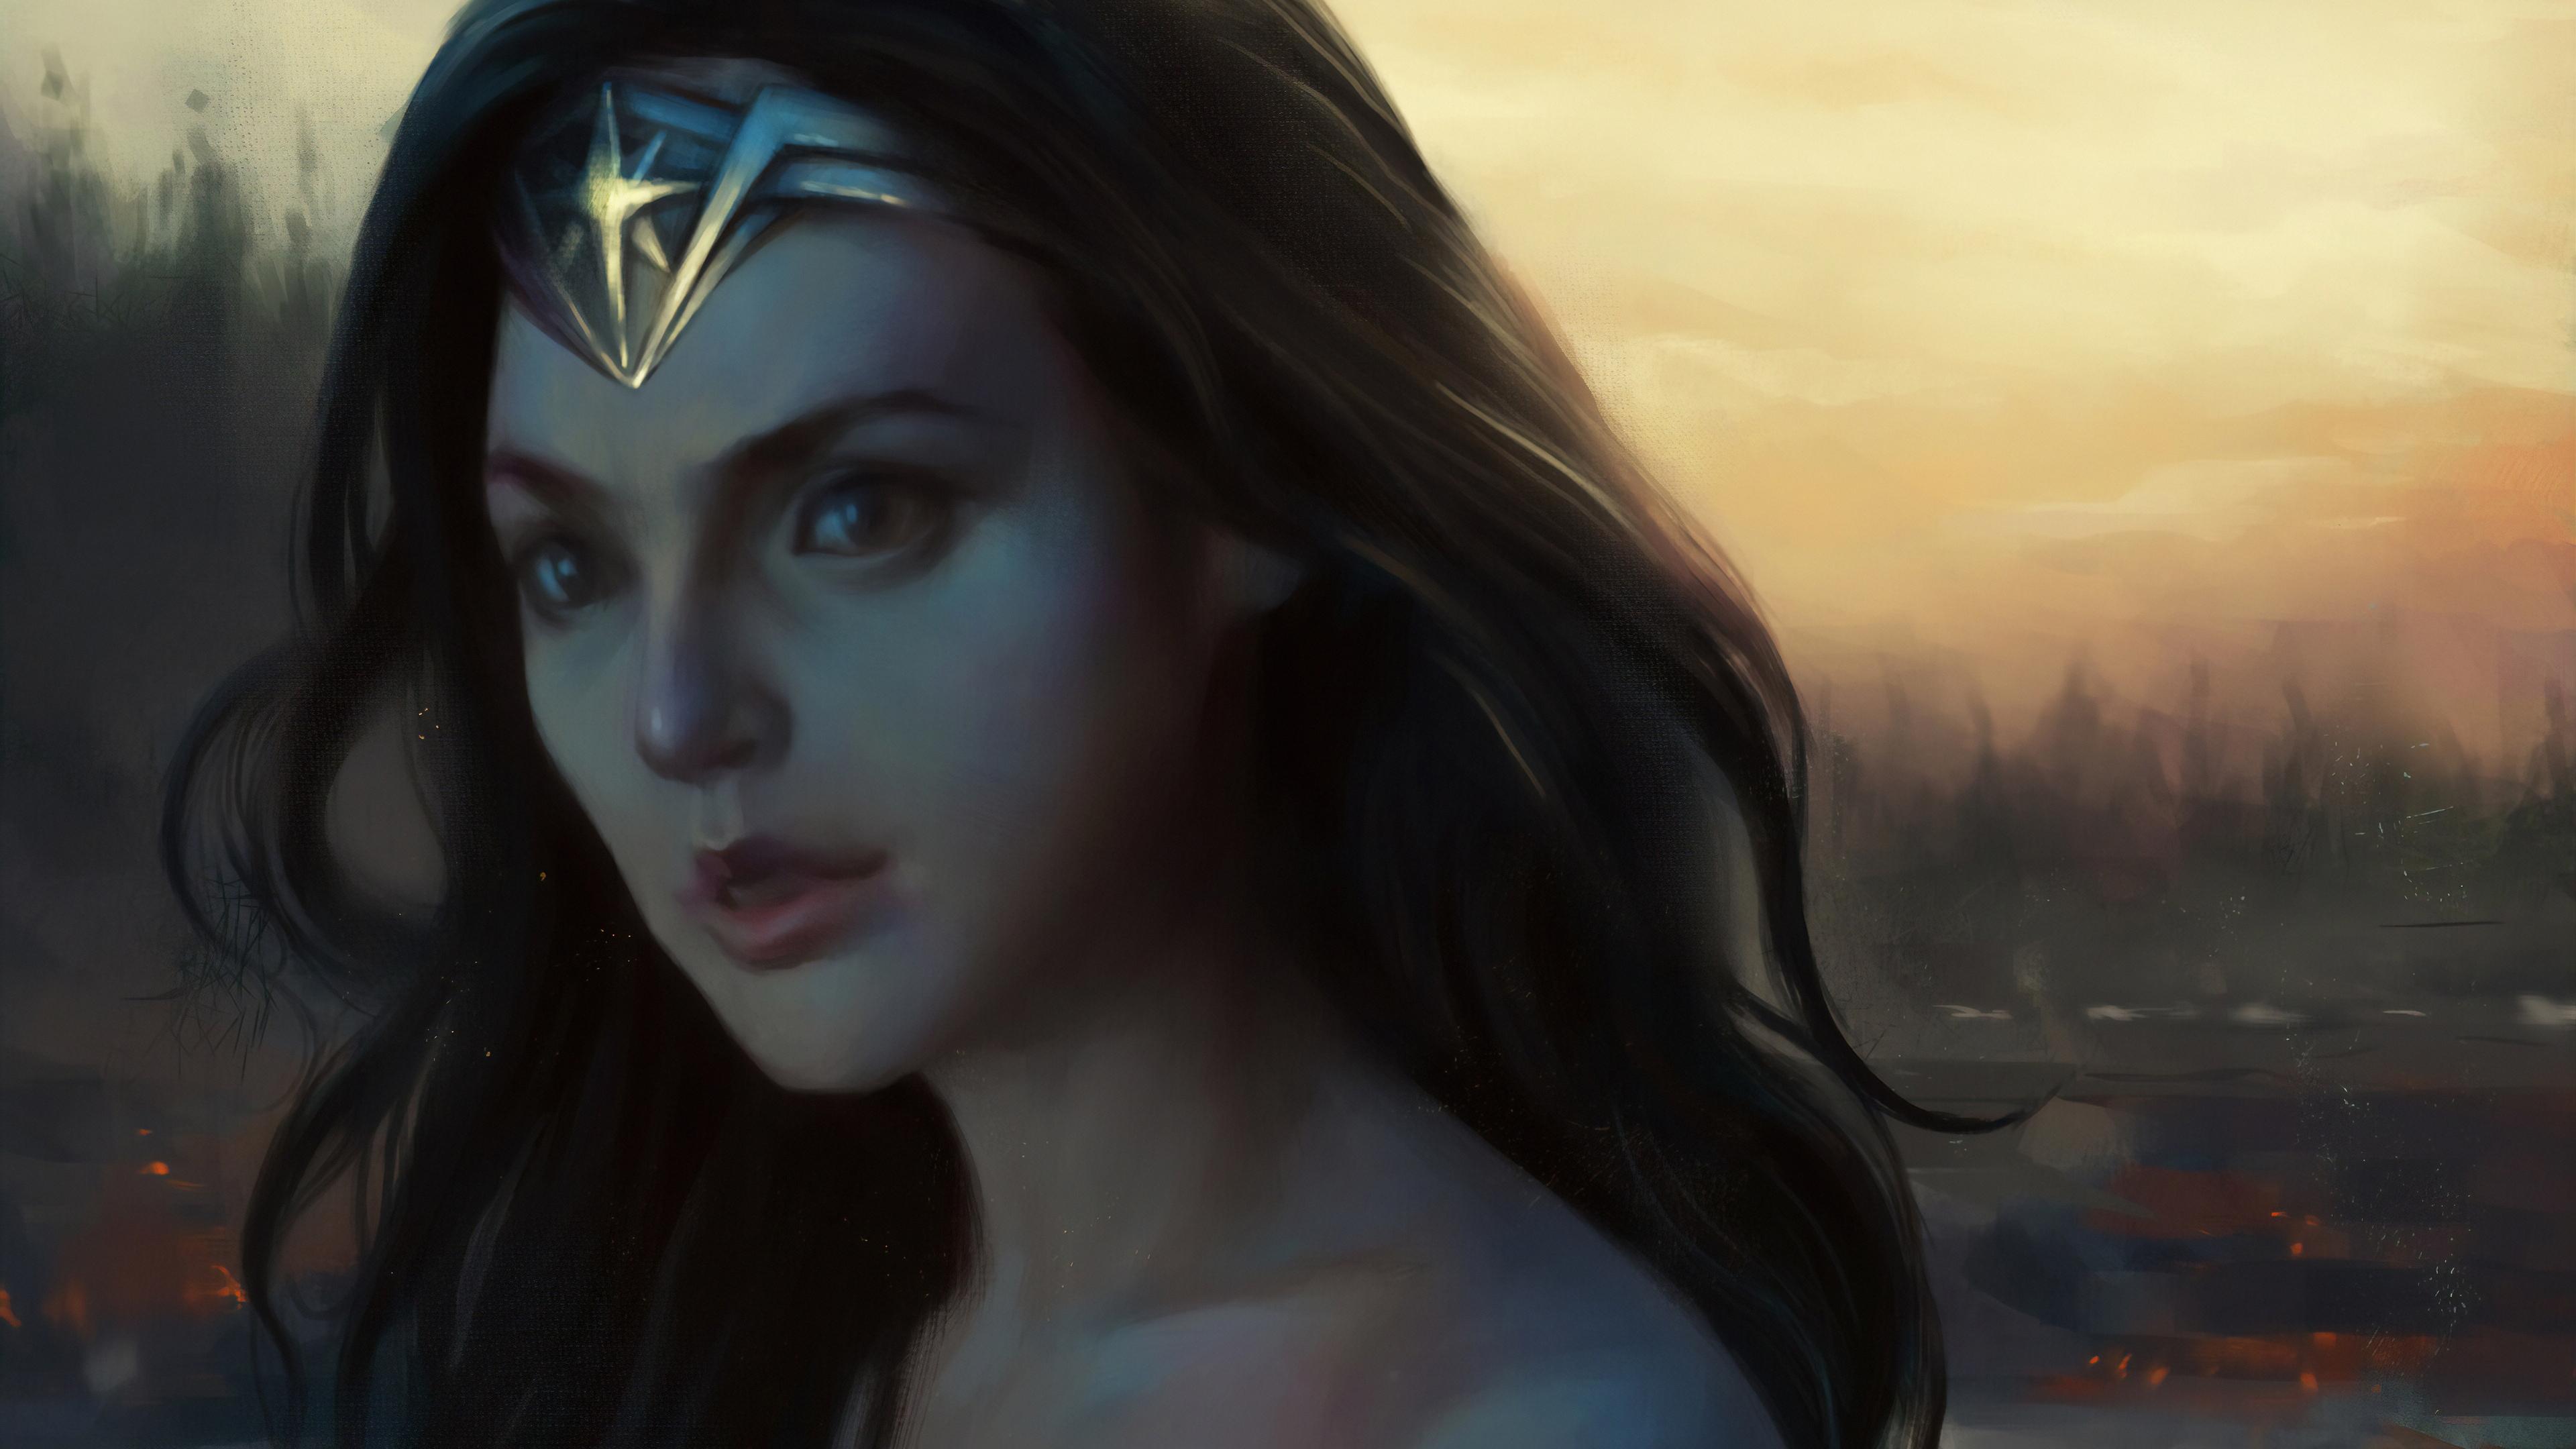 wonder woman art 1570918444 - Wonder Woman Art - wonder woman wallpapers, superheroes wallpapers, hd-wallpapers, digital art wallpapers, artwork wallpapers, artstation wallpapers, 4k-wallpapers